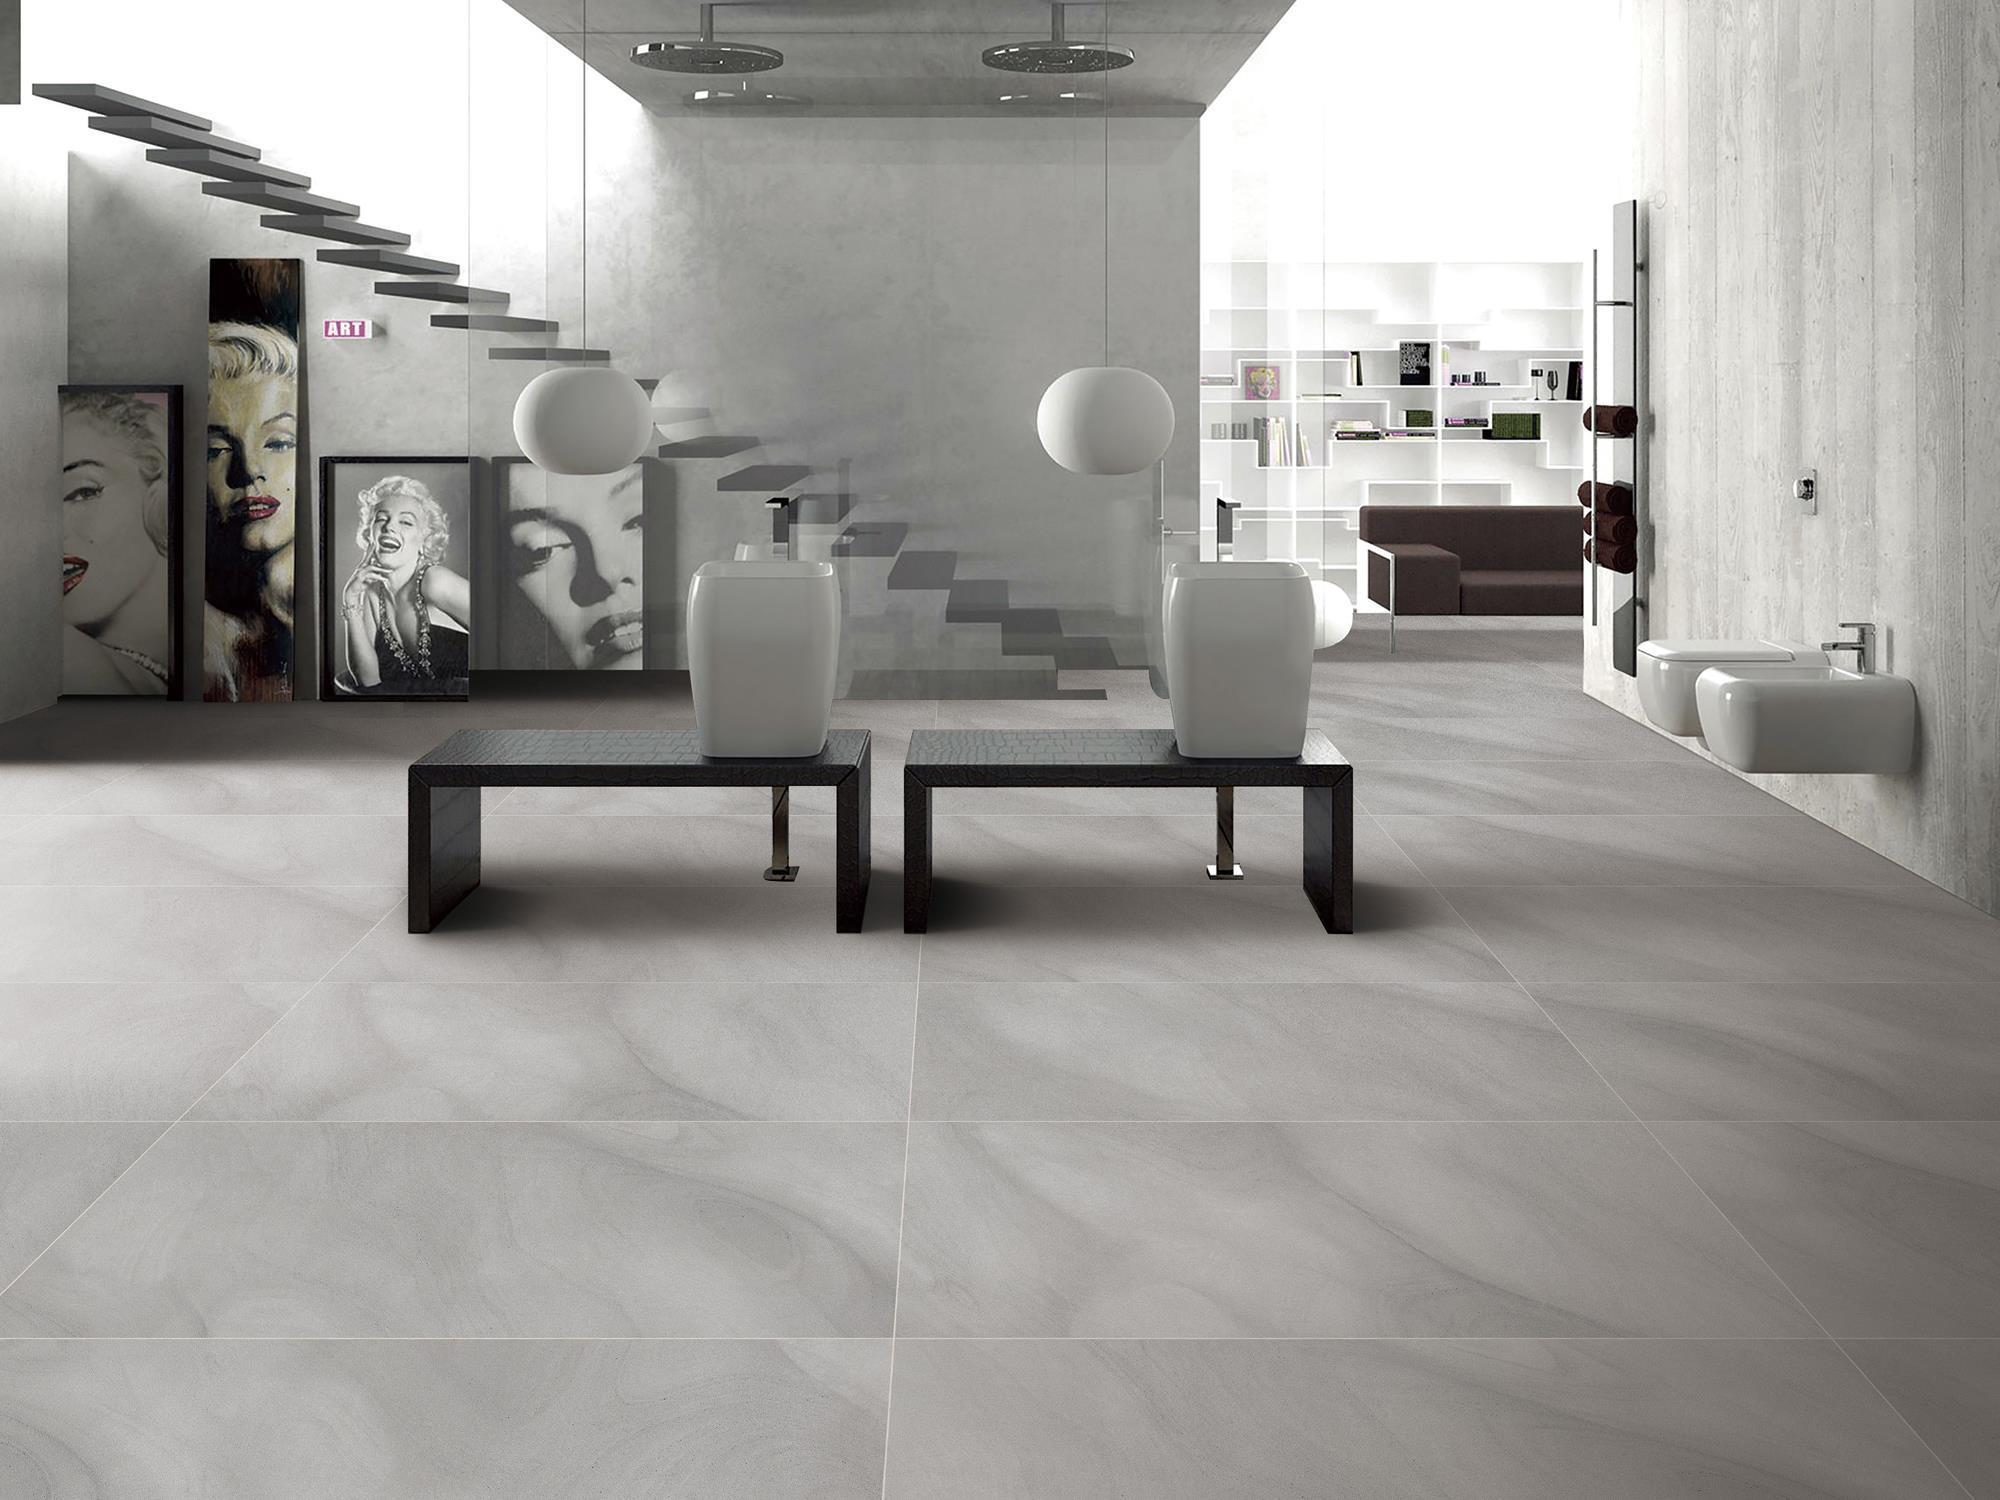 科普小知識:花崗巖通體瓷磚厚板有什么規格及特點